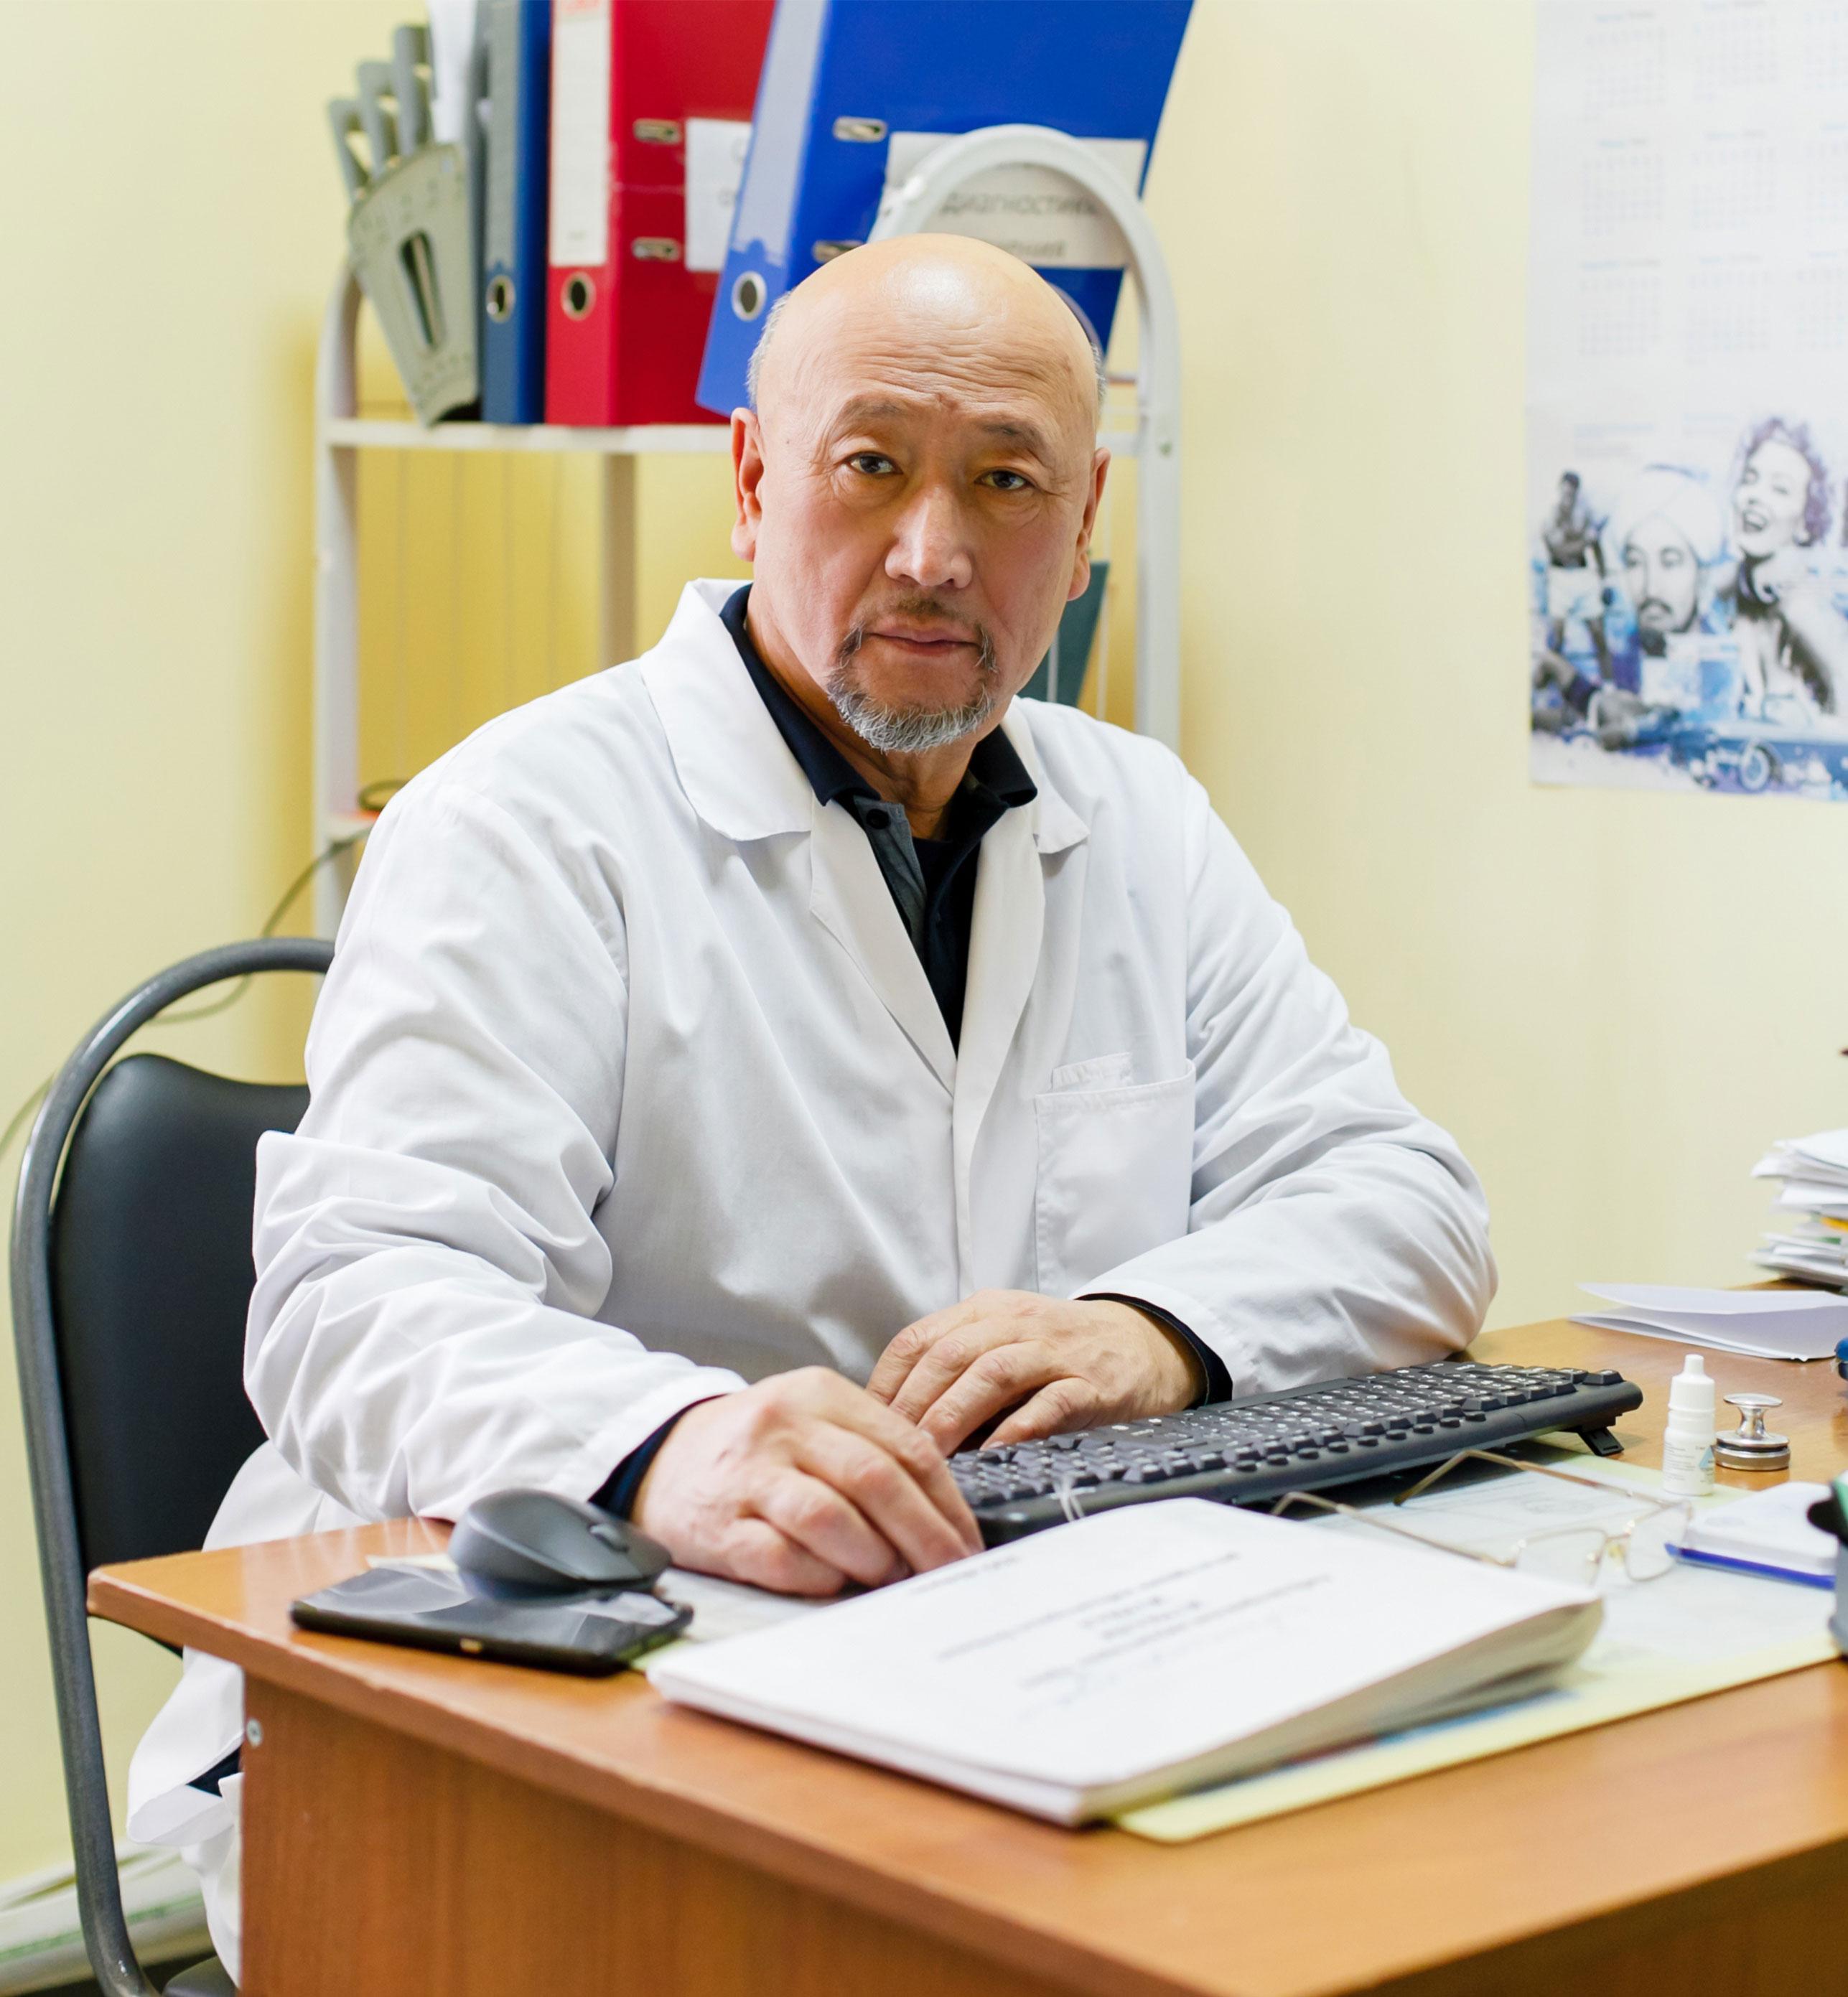 Нусанов-Савит-Рашитович---Врач-психотерапевт-нарколог